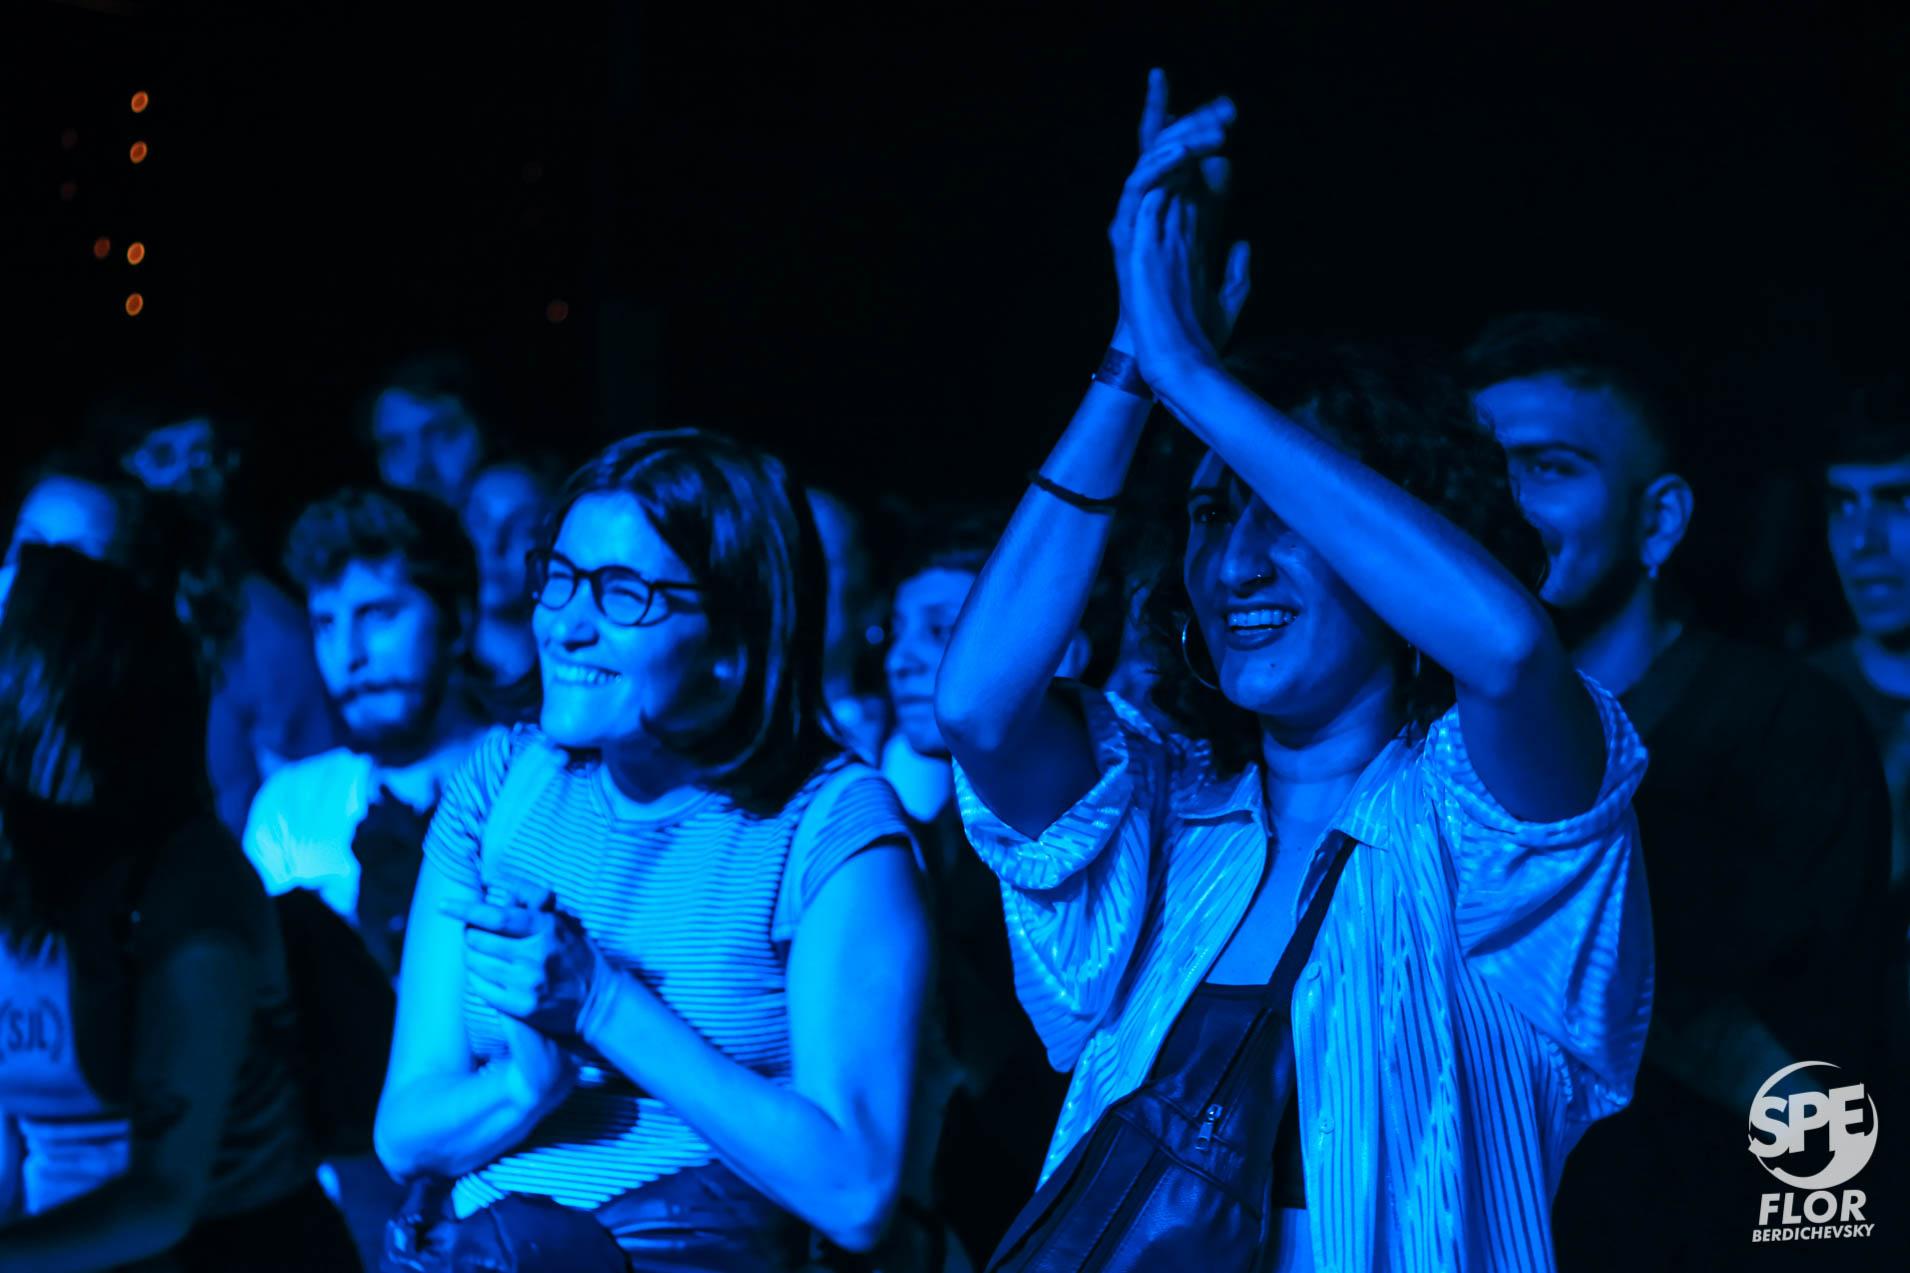 Público-LaTangente-24.5.19-9.JPG